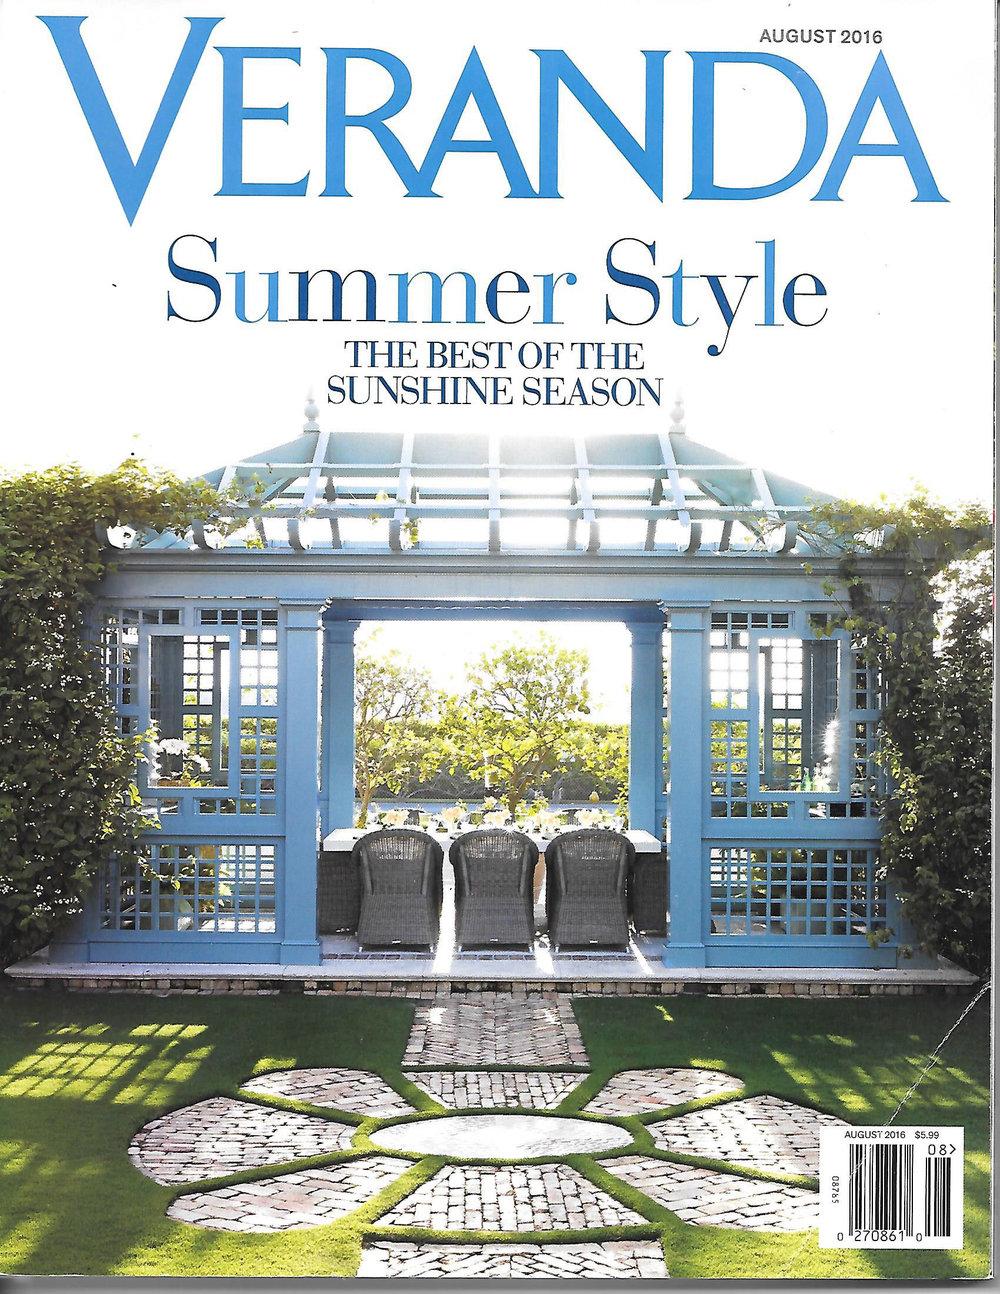 Veranda-August-2016.jpg